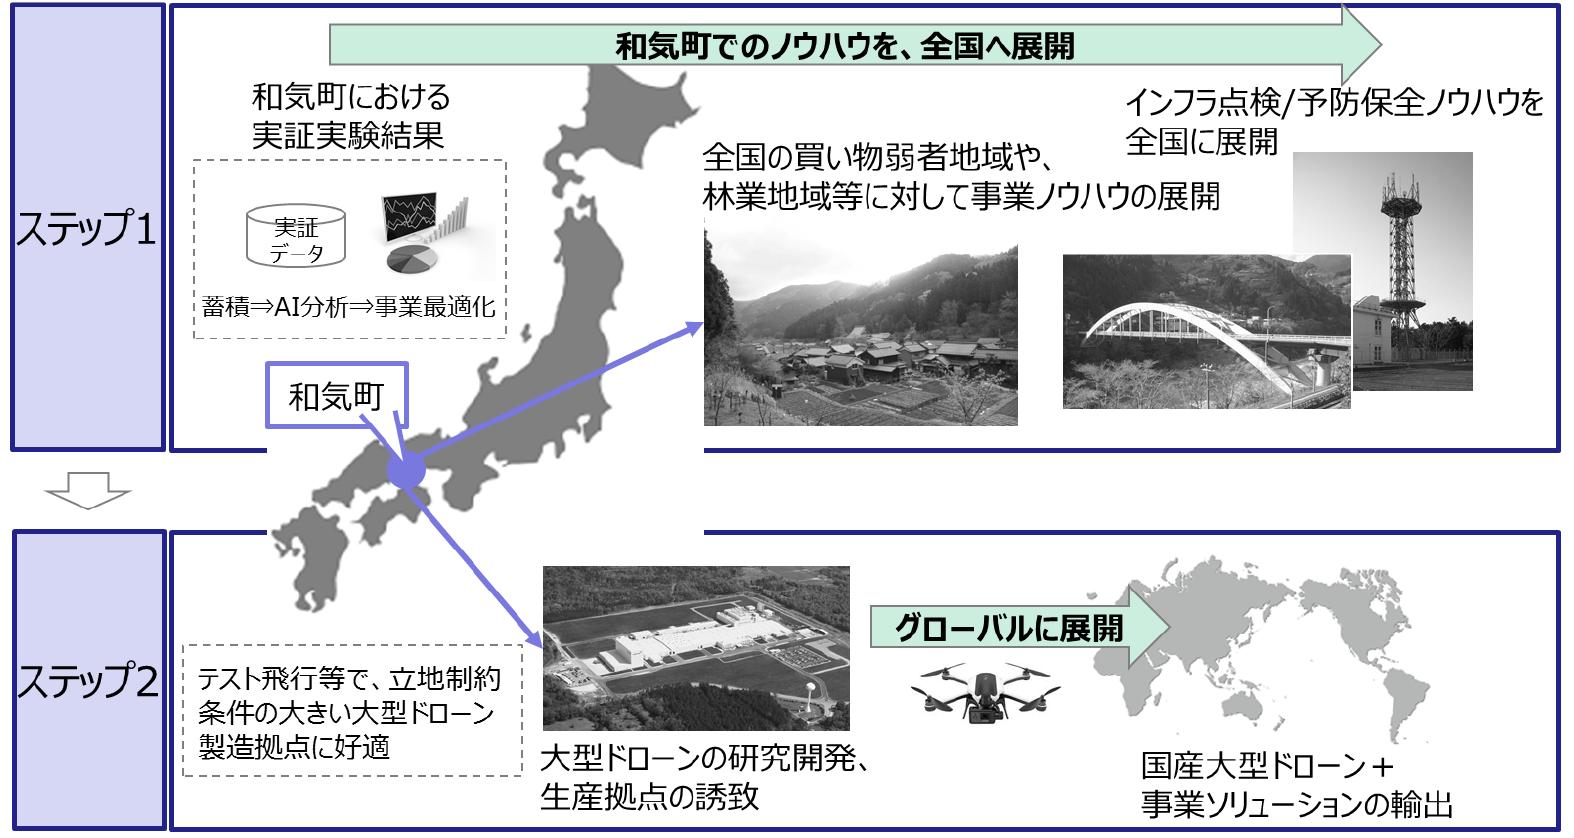 和気町でのノウハウを全国に展開、そしてグローバルに展開